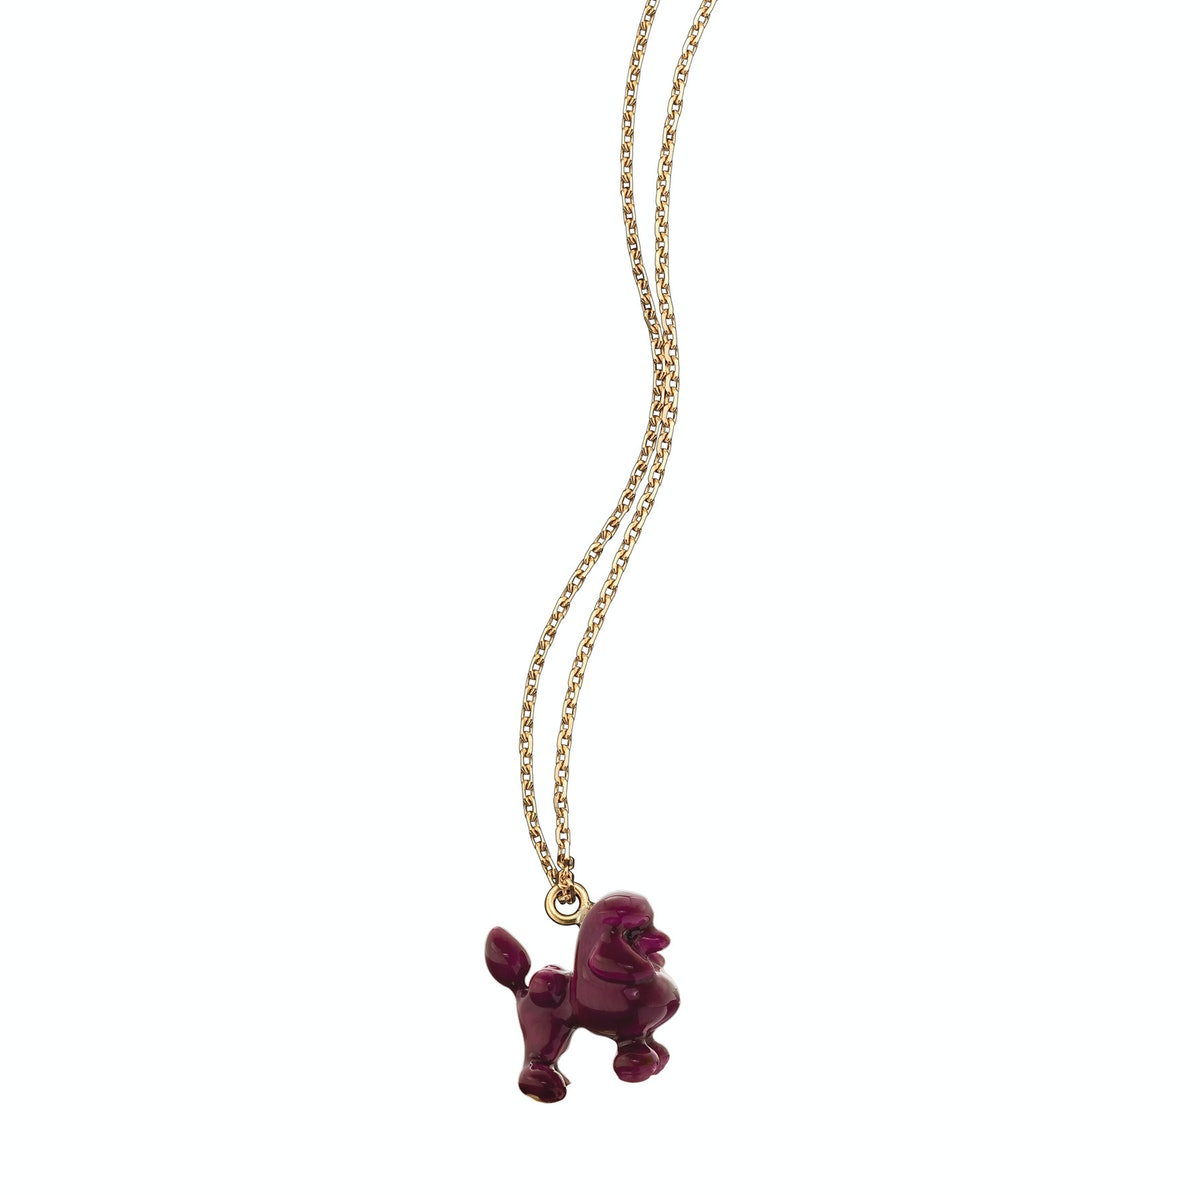 Solange Azagury-Partridge Chinese Zodiac Dog Pendant